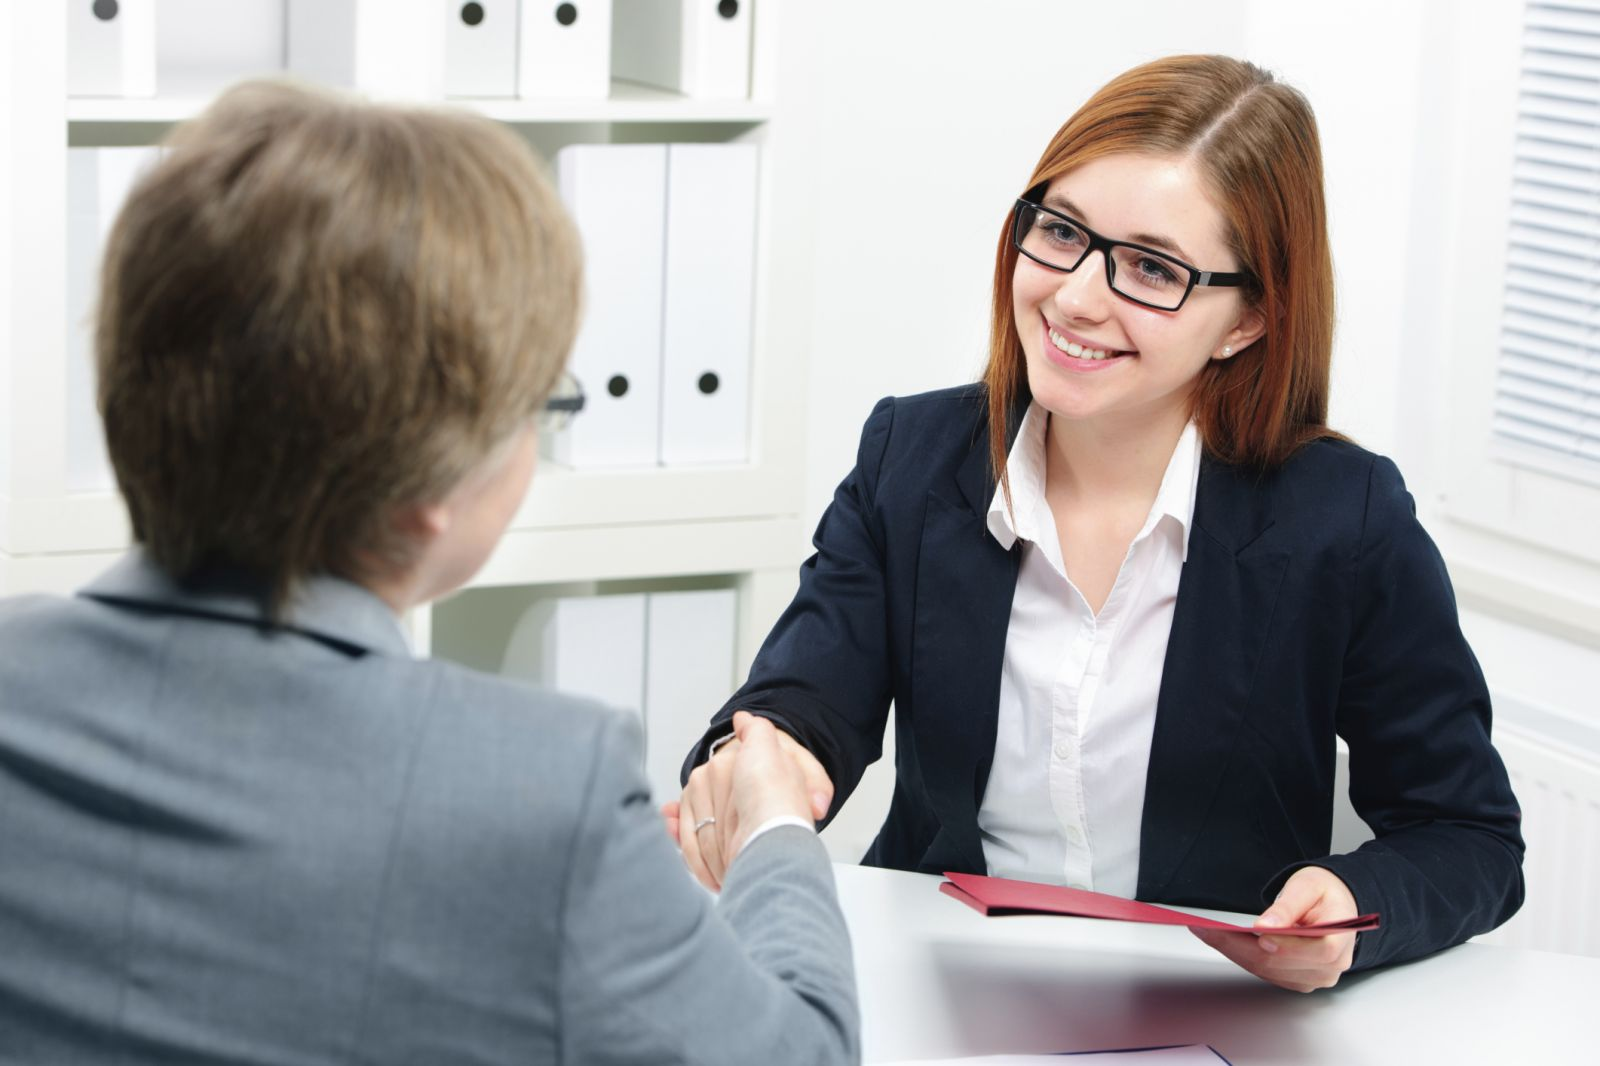 أخطاء في لغة الجسد..تجنبيها خلال مقابلة العمل